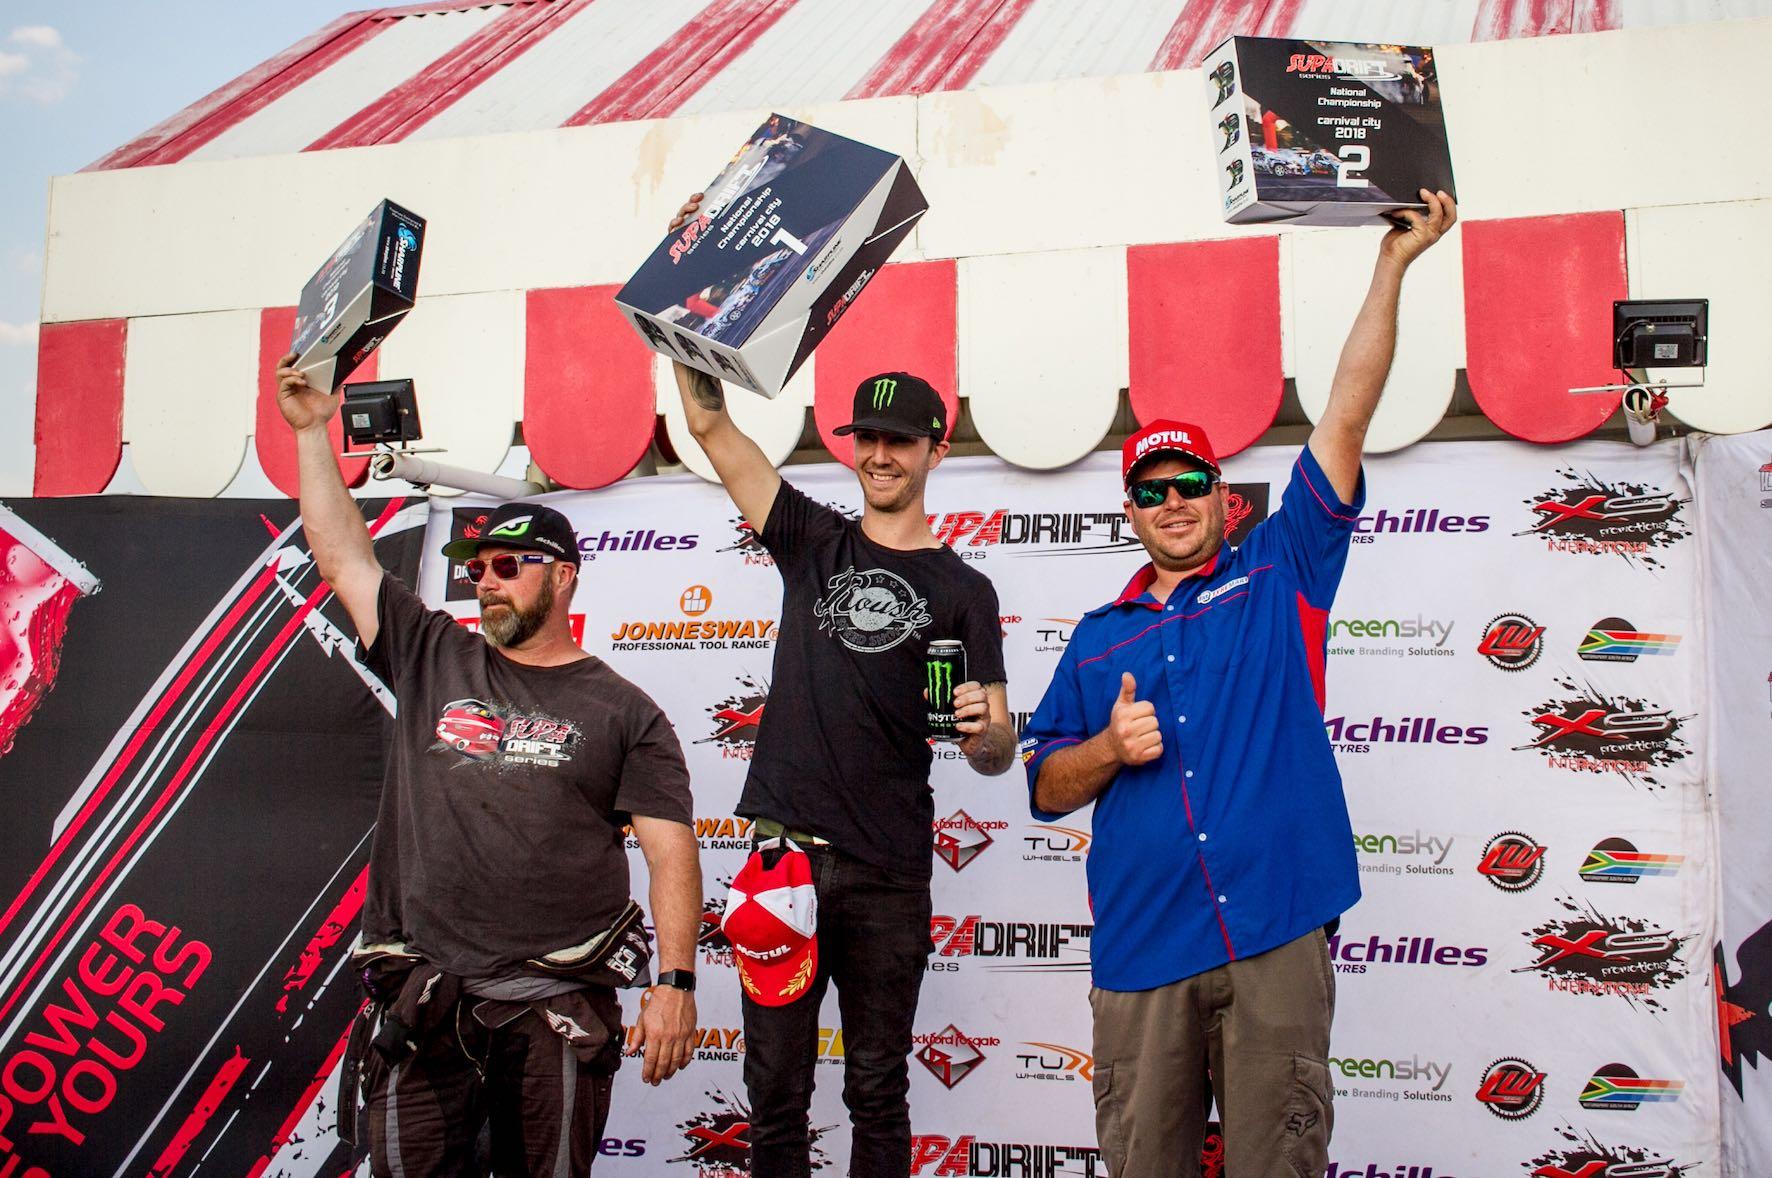 SupaDrift Series Round 6 podium